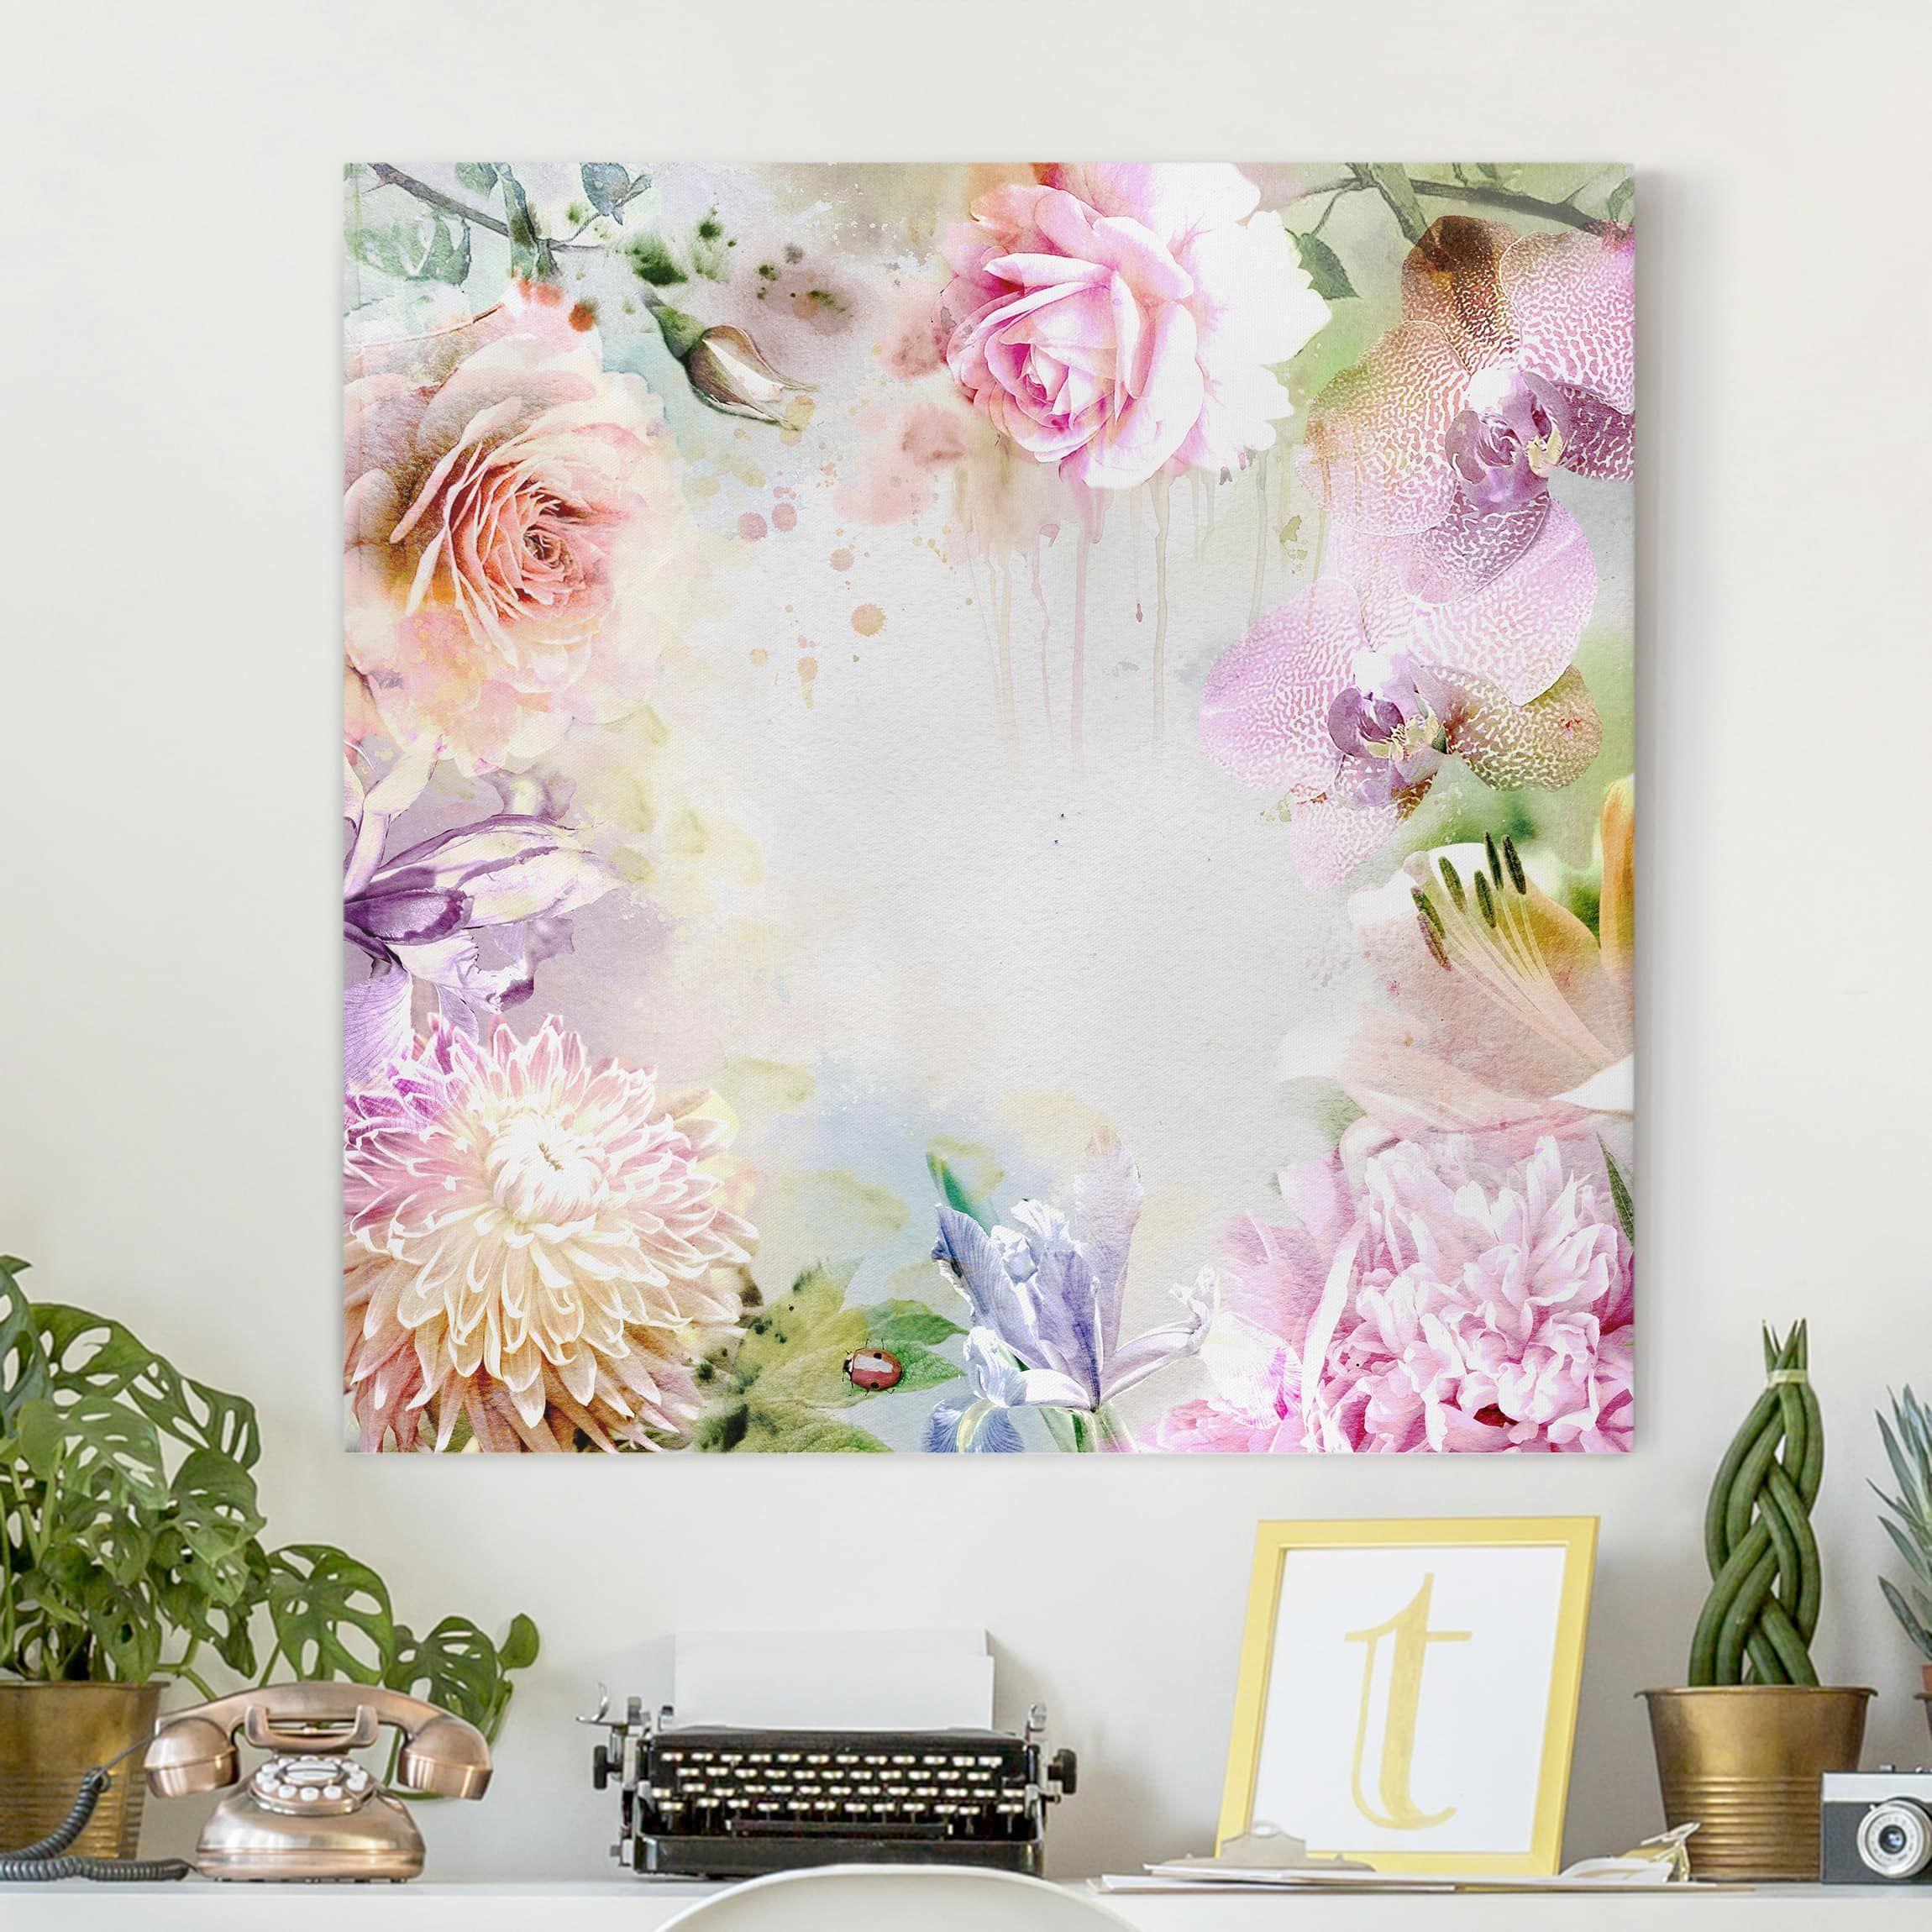 Quadri Classici Per Arredamento stampa su tela - watercolor blossoms mix pastel - quadrato 1